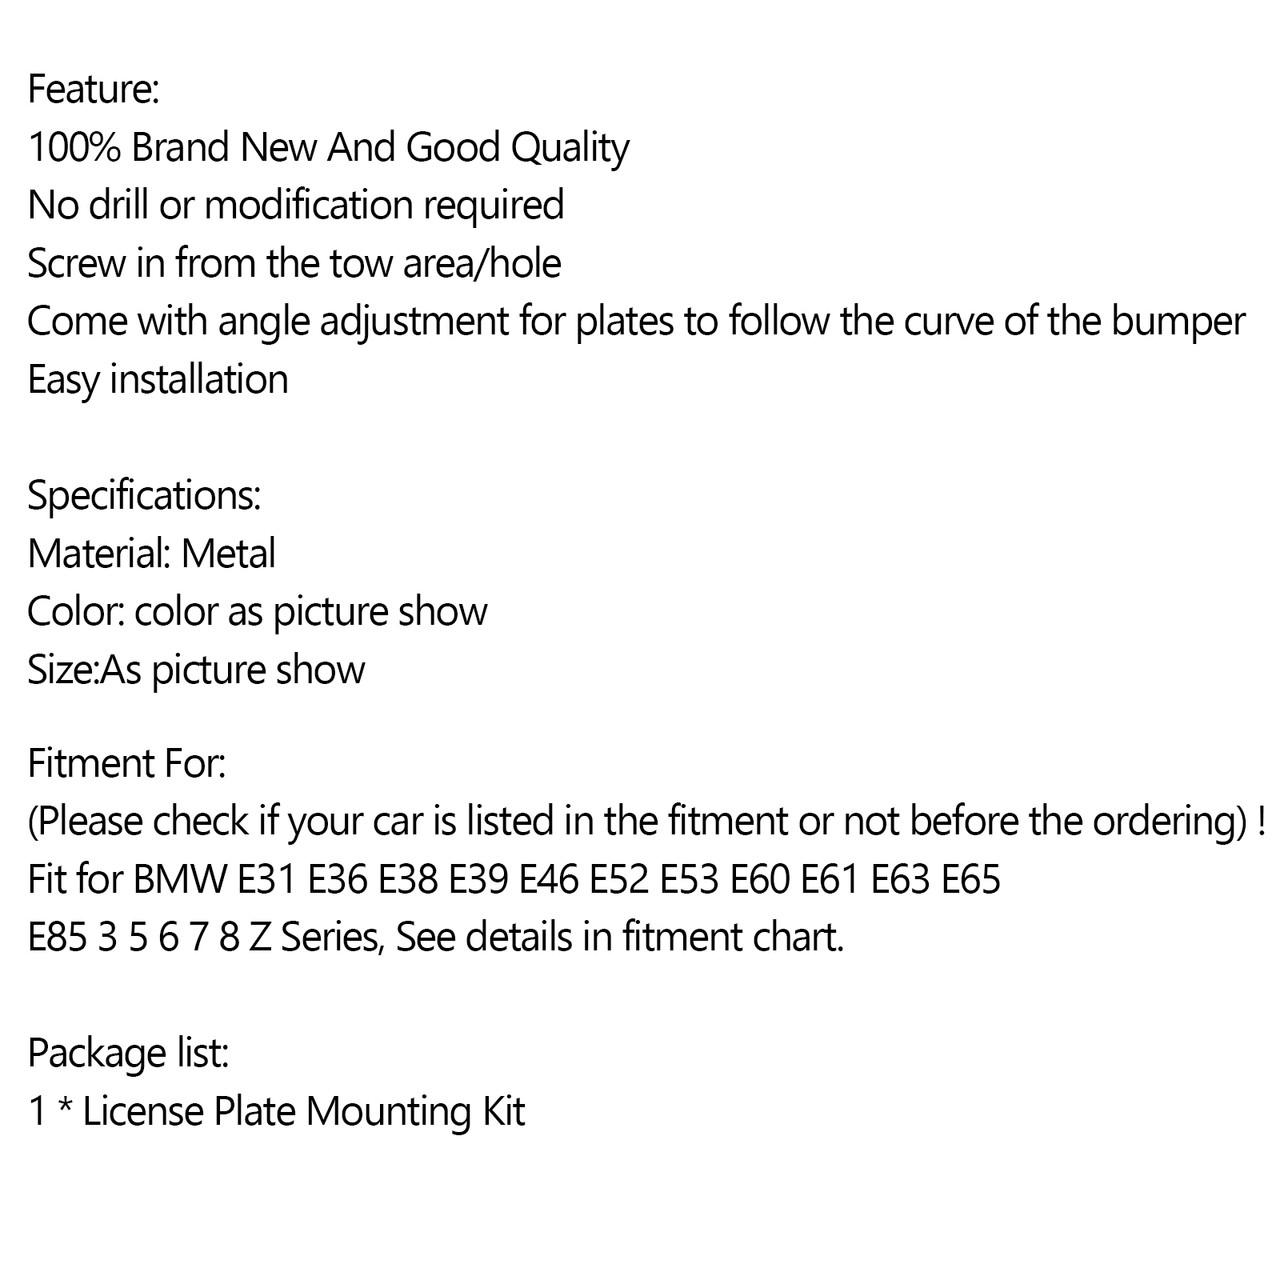 Bumper Tow Hook License Plate Mount Bracket For BMW E31 E36 E38 E39 E46 E52 E53 E60 Black